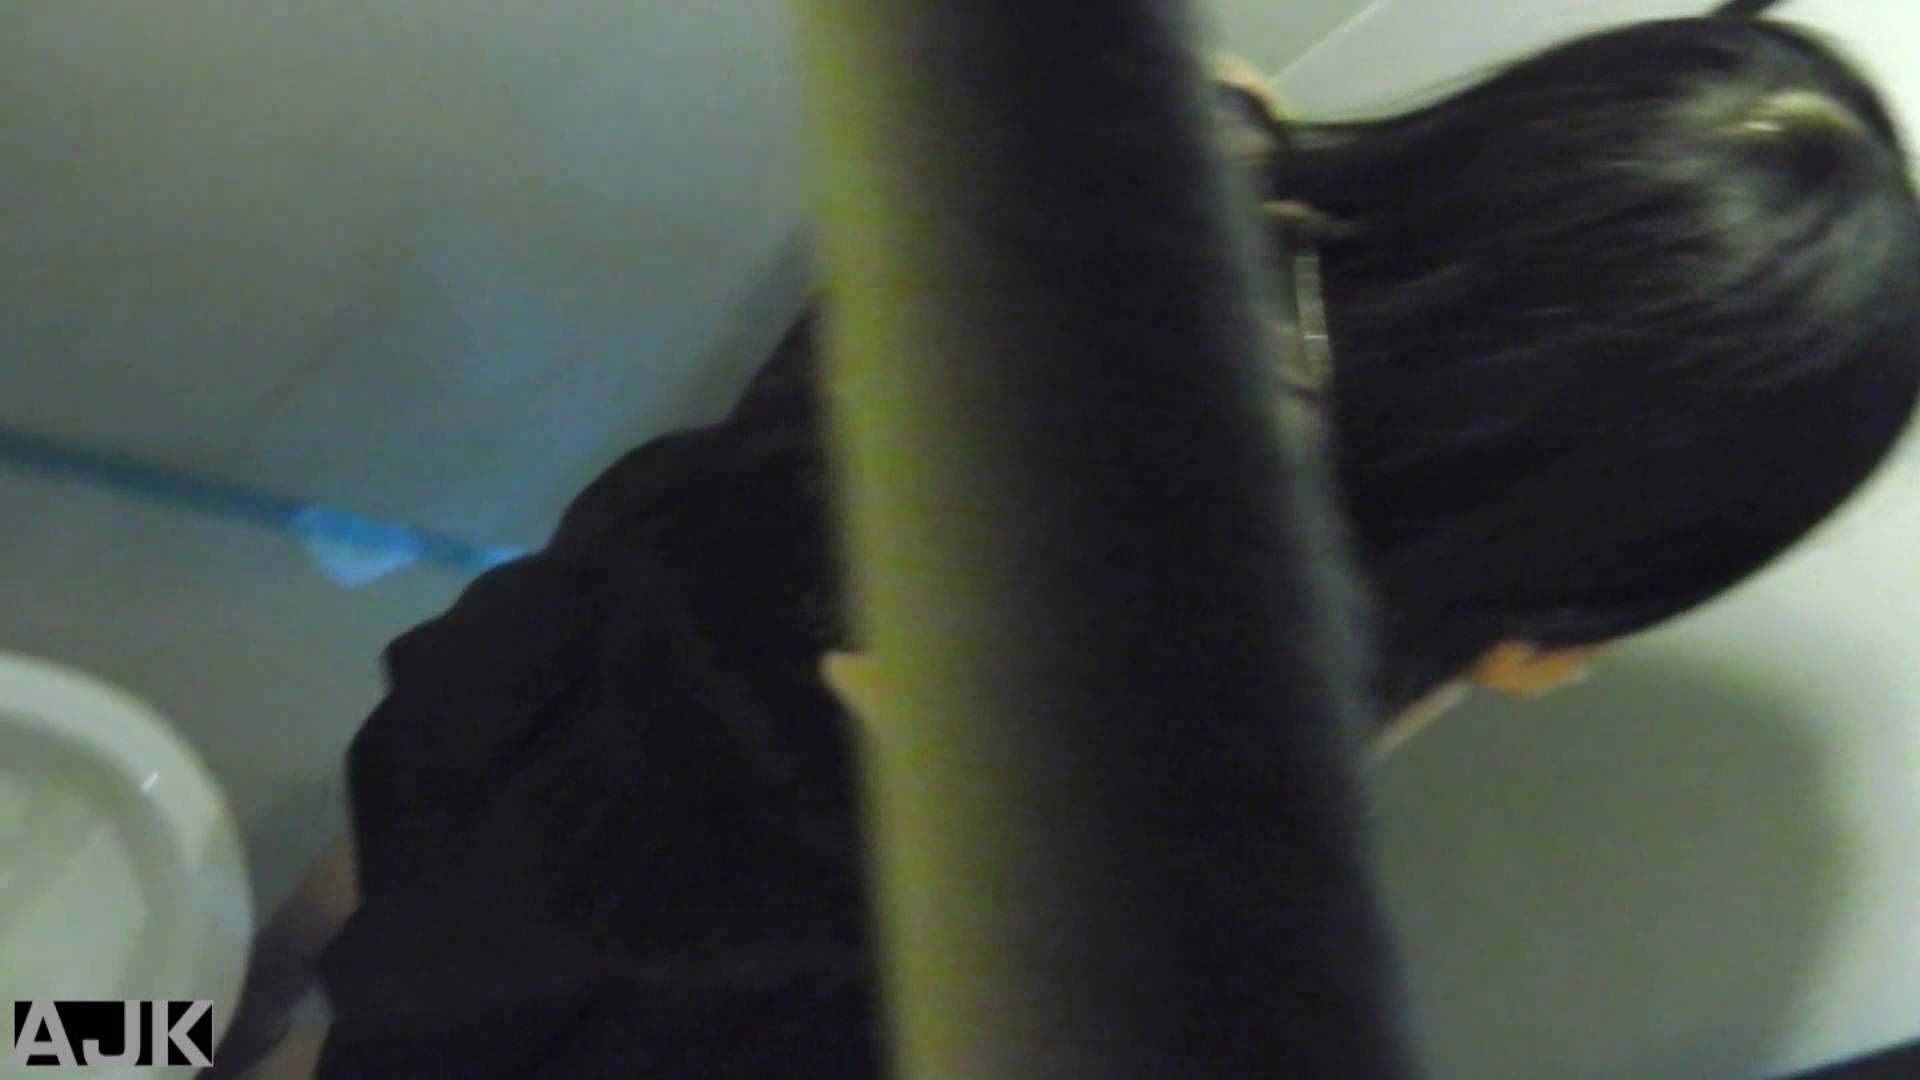 隣国上階級エリアの令嬢たちが集うデパートお手洗い Vol.25 便所で・・・ セックス画像 65画像 17